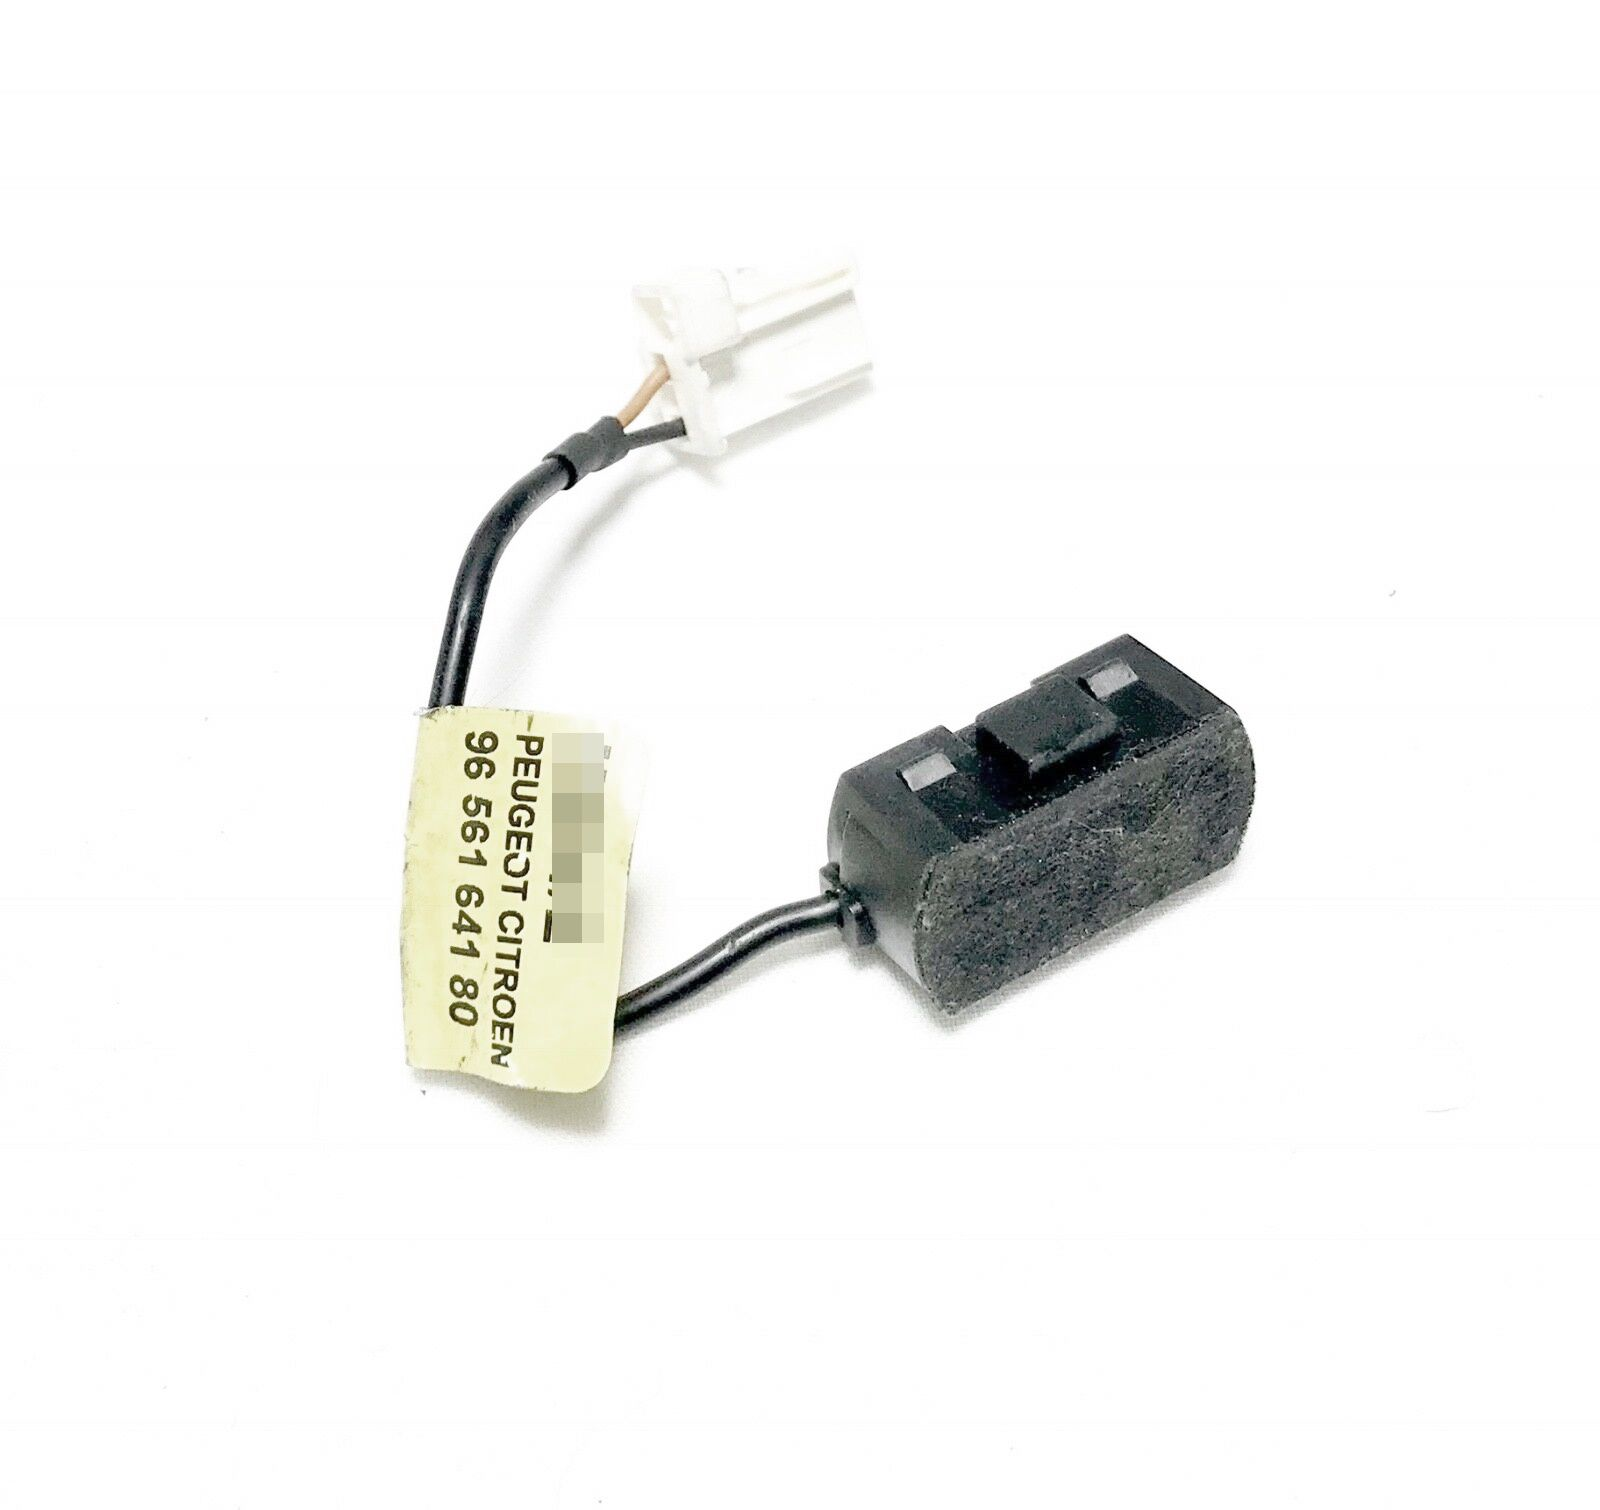 Microfone do Sistema de Som Bluetooth Original 9656164180 Peugeot 308 408 012 013 014 015 016 017 018